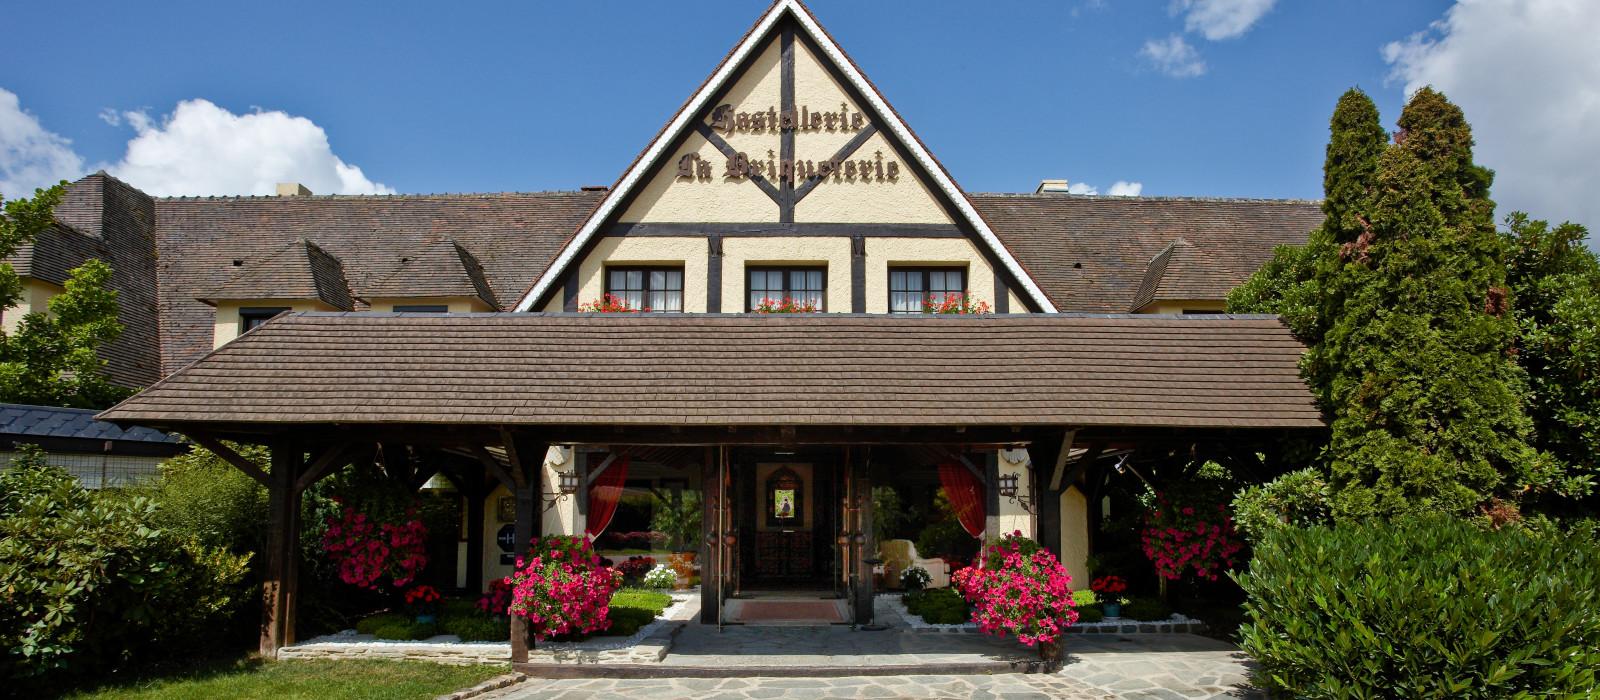 Hotel Hostellerie La Briqueterie France